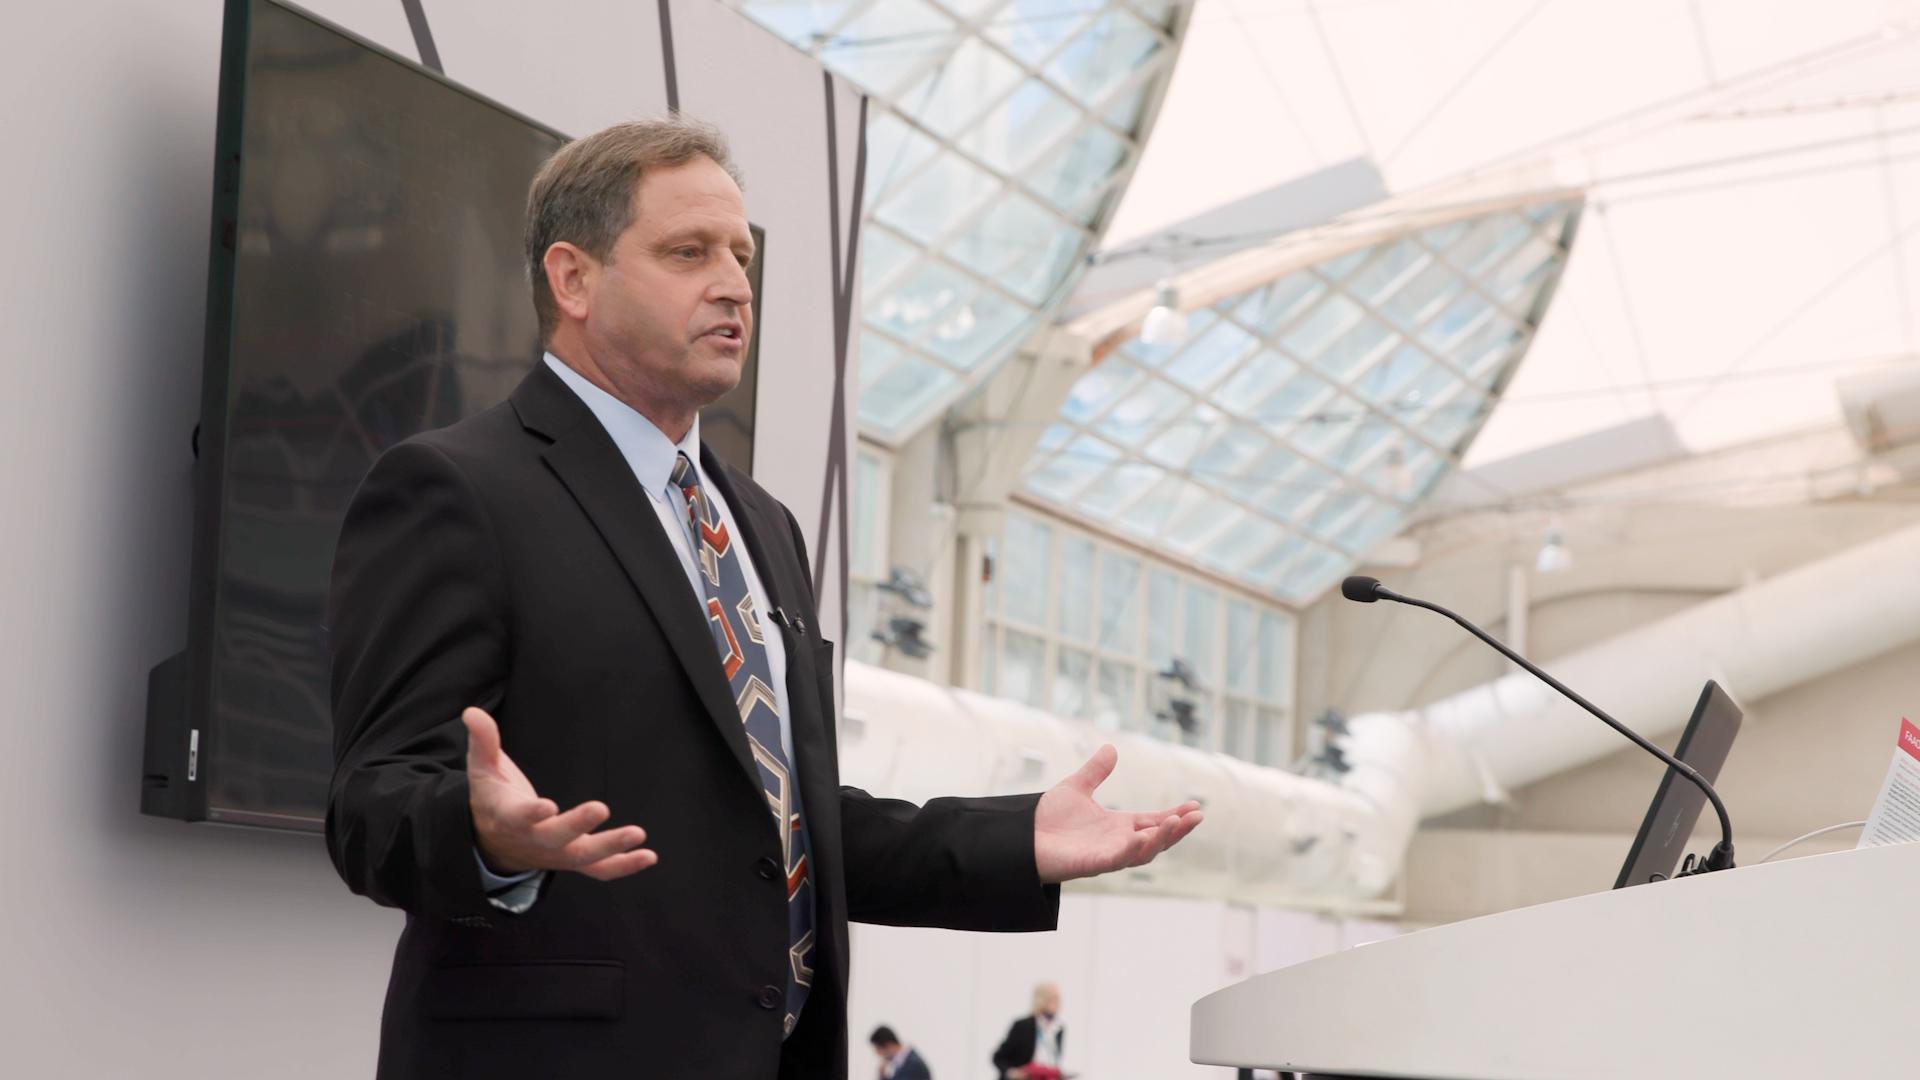 Dr. Dave Atkin